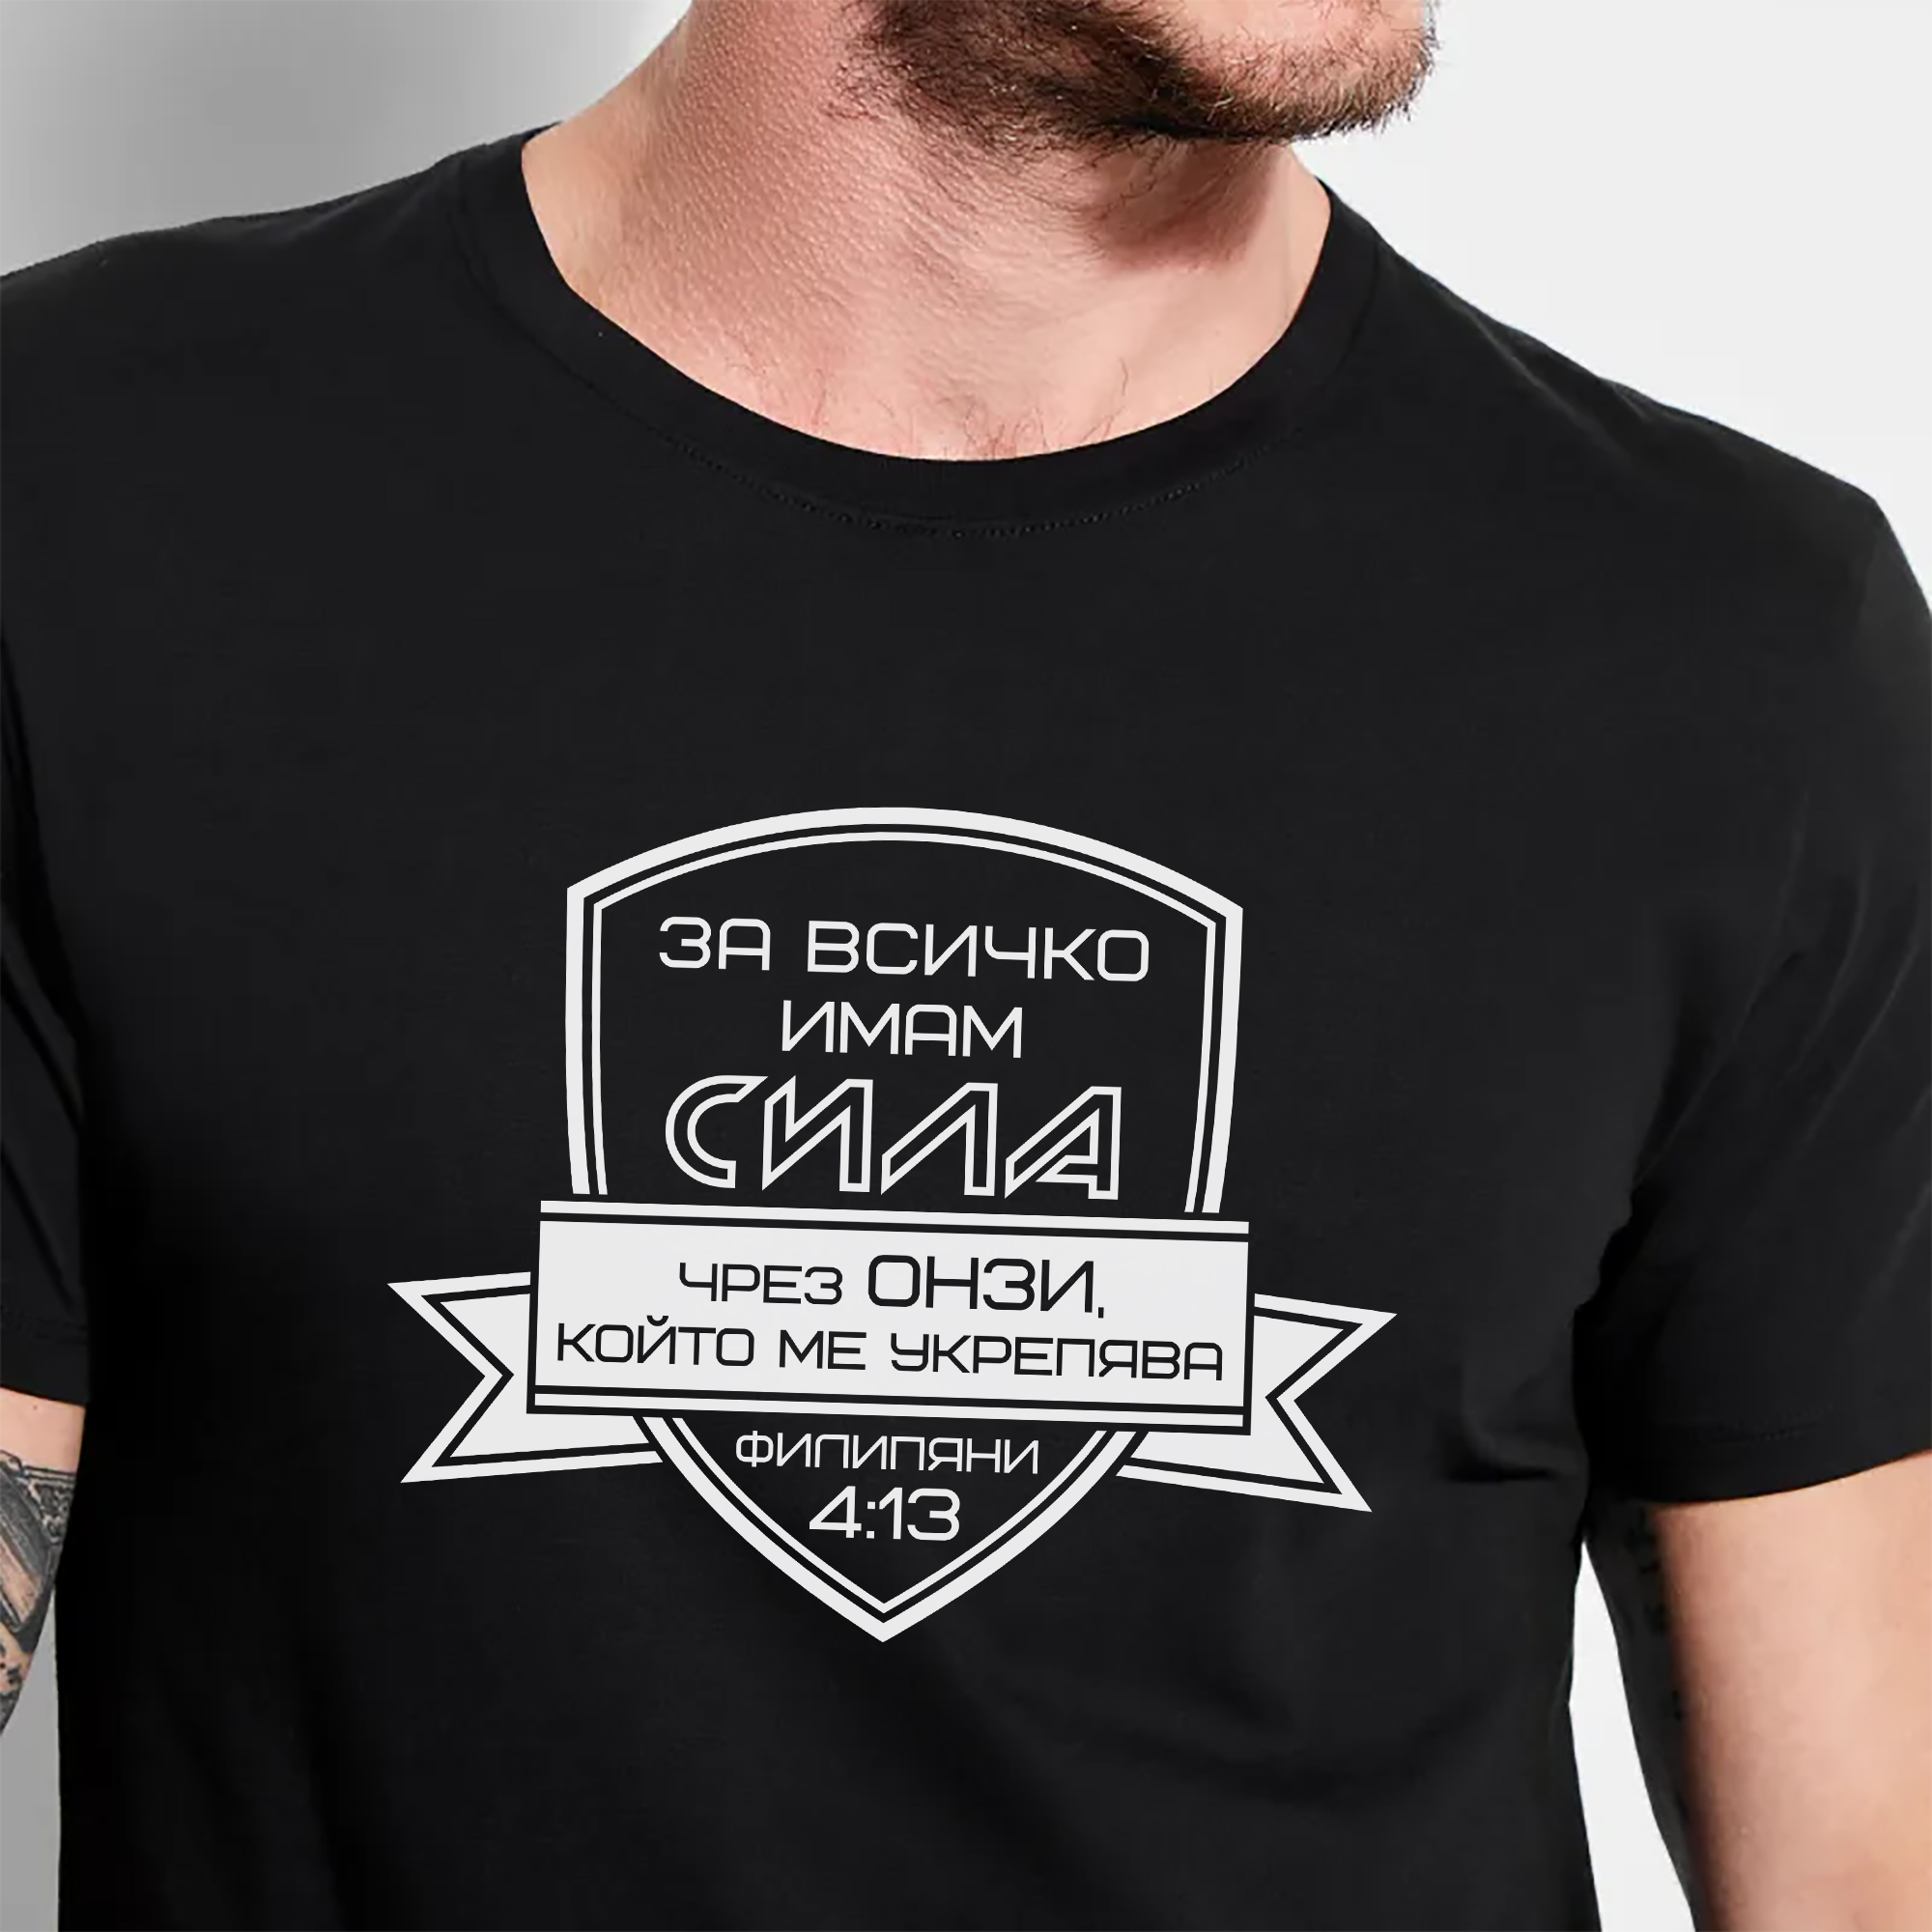 Тениска - Филипяни 4:13 (размер S)